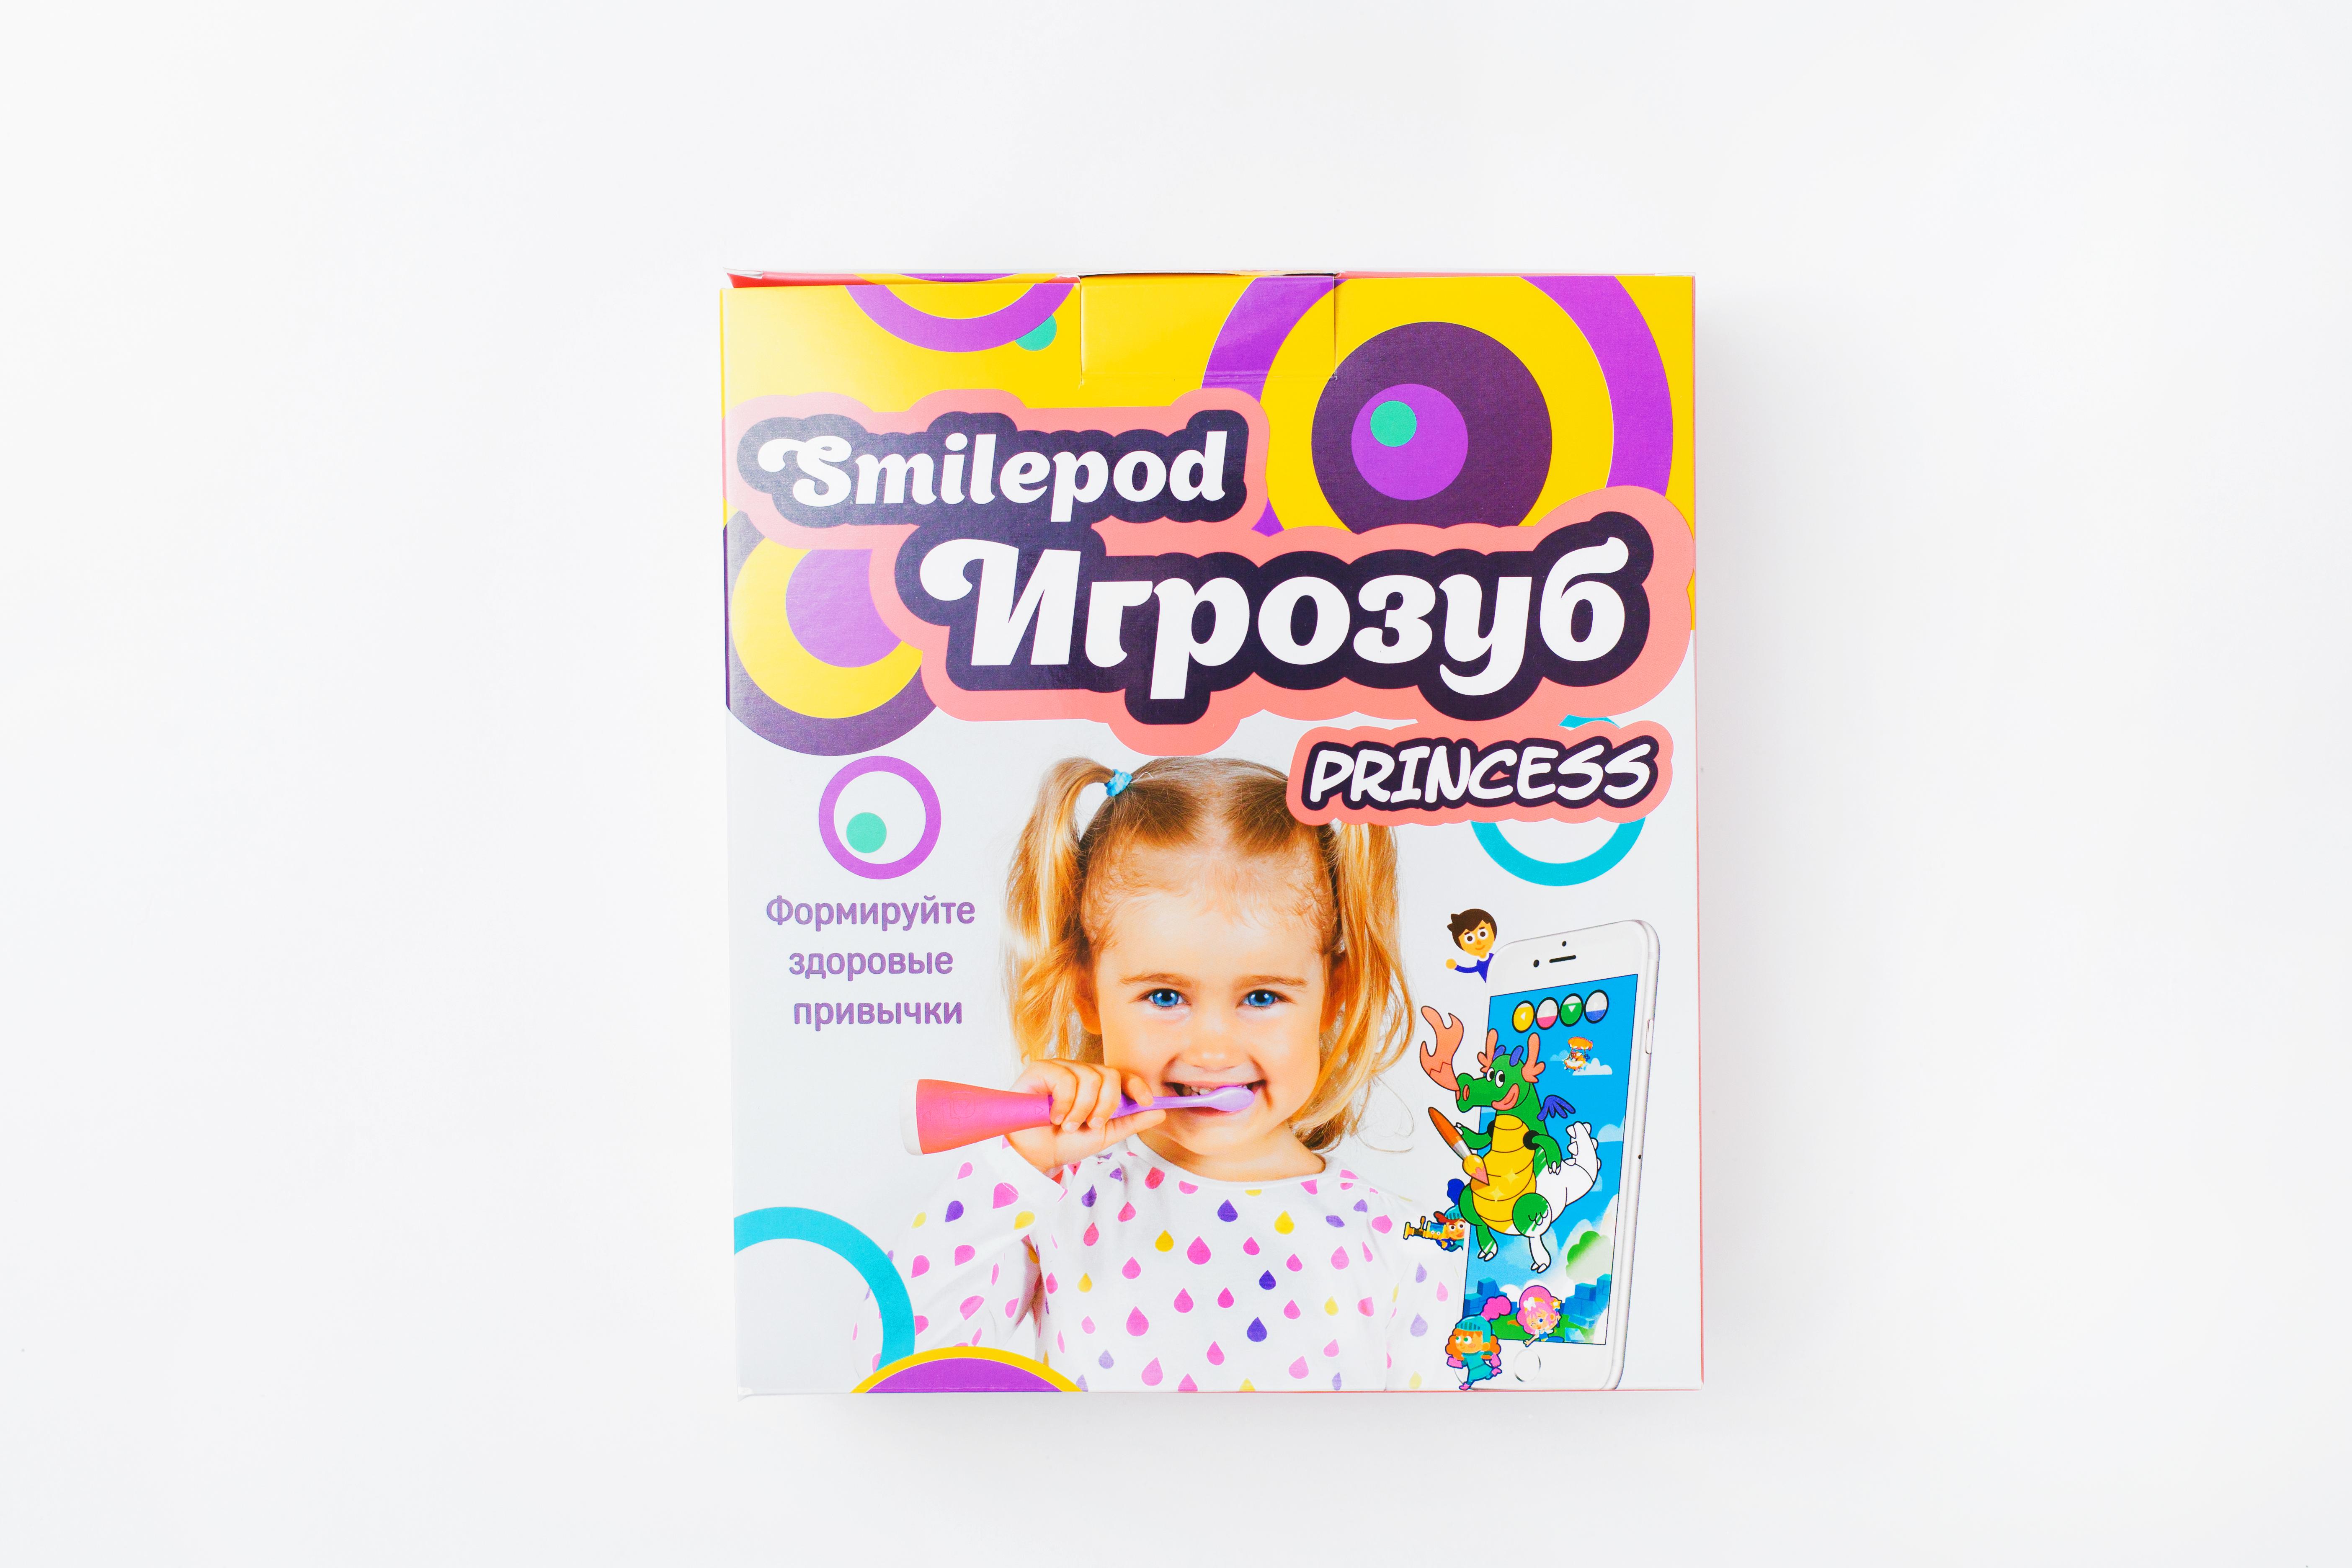 Smilepod Игрозуб Princess, Pink детский обучающий набор для чистки зубов